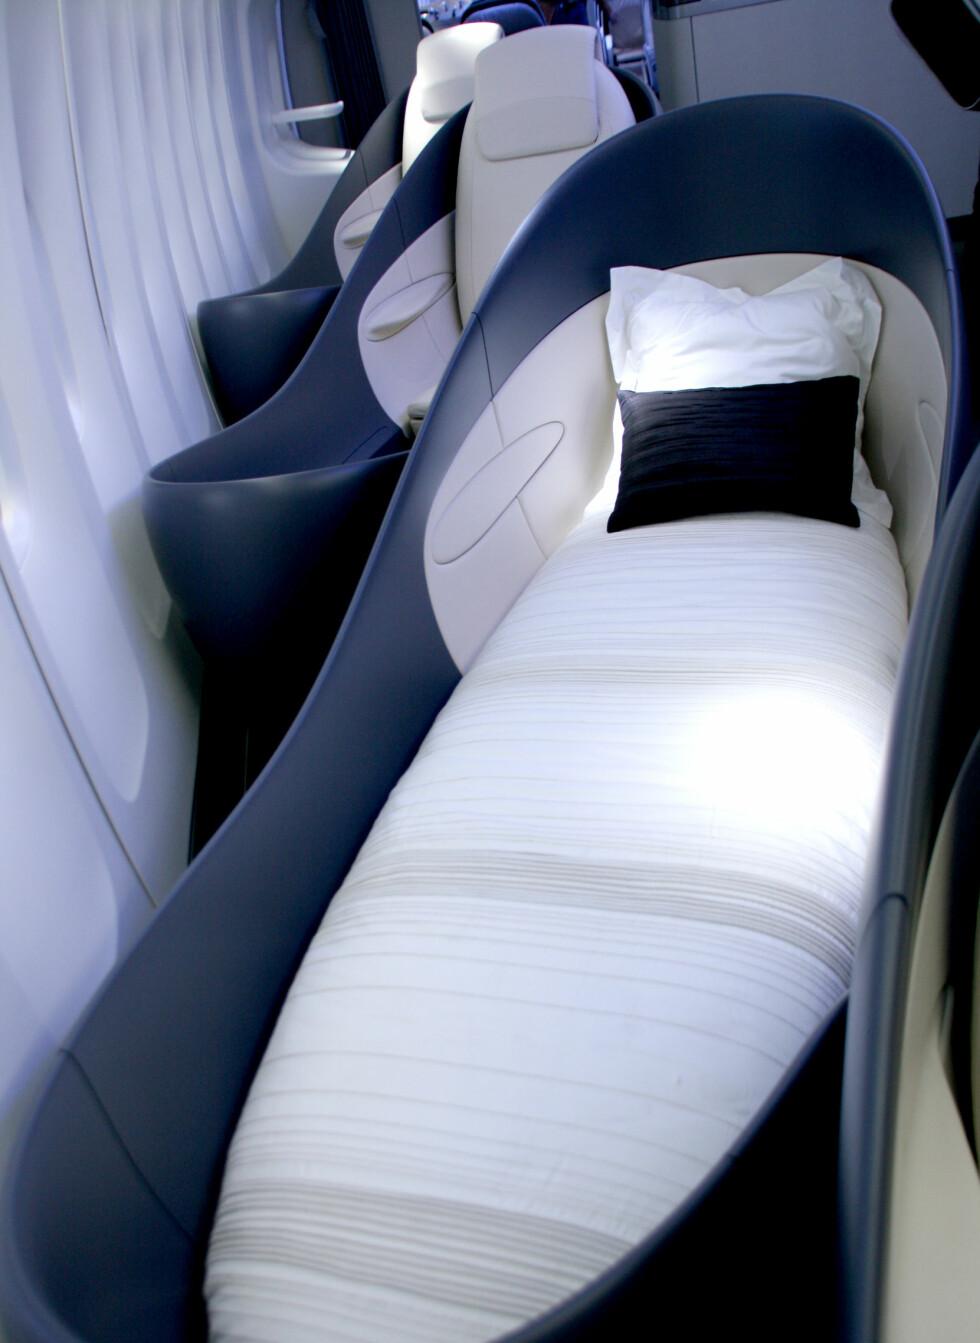 Disse sengene kan lett gjøres om til stoler, slik at hver passasjer for en komfortabel og privat flyreise. Foto: Kim Jansson